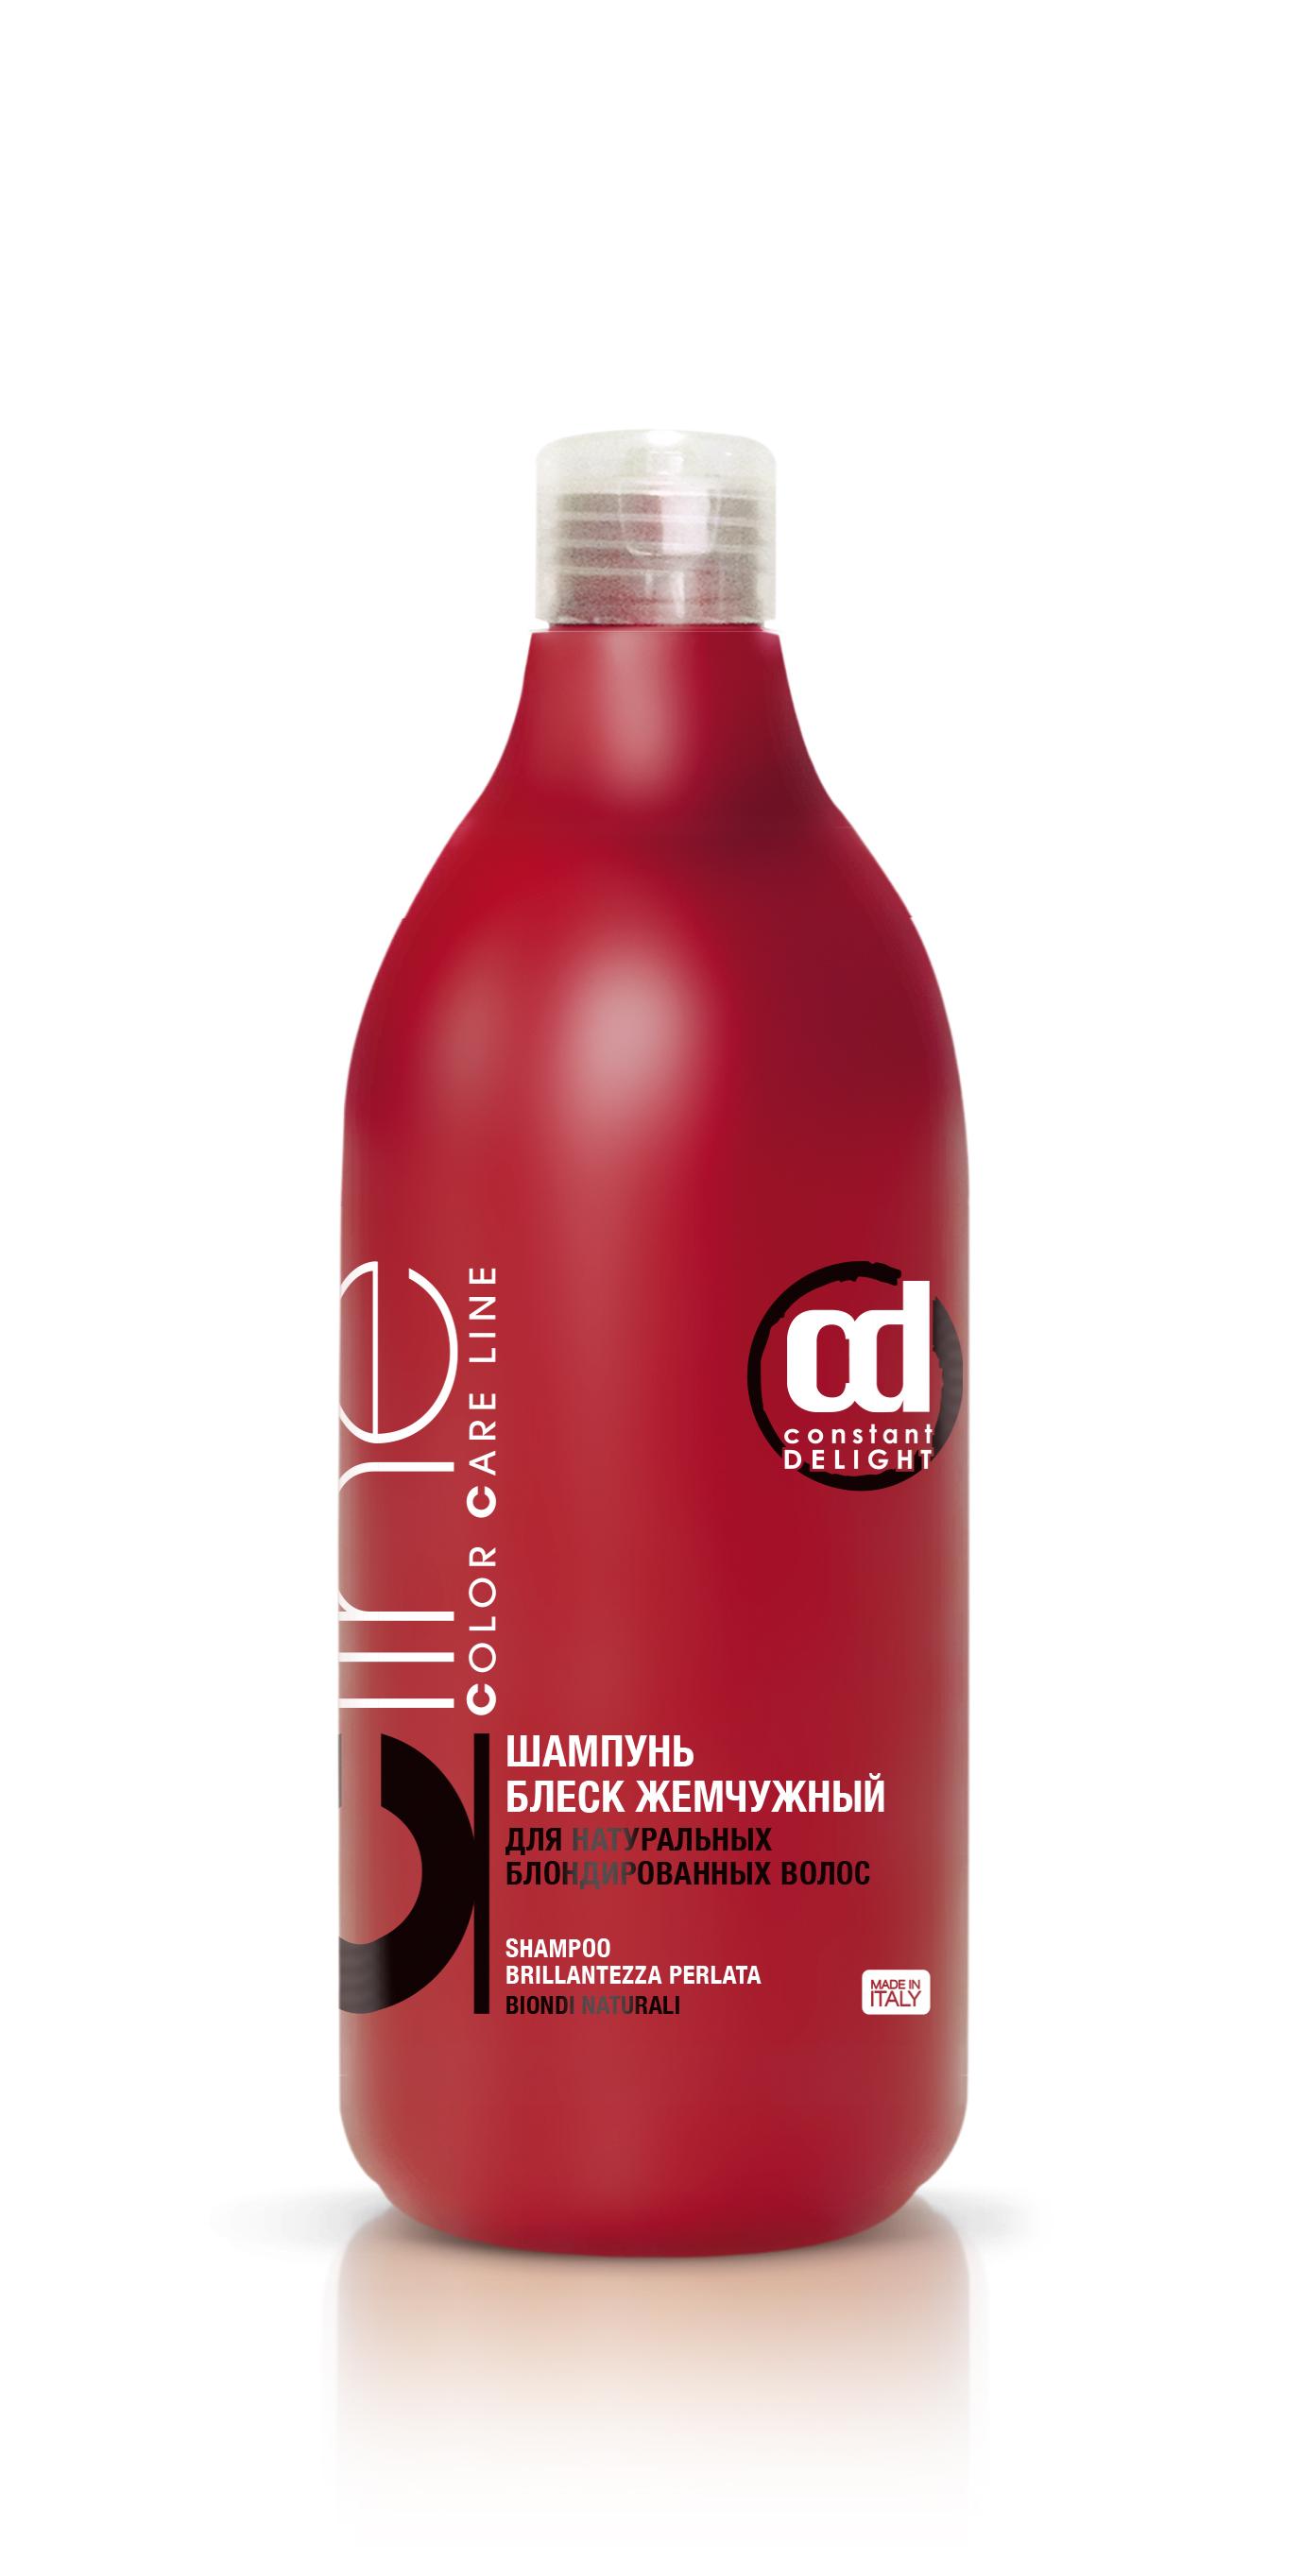 CONSTANT DELIGHT Шампунь блеск жемчужный для натуральных блондированных волос / Color care line 1000 мл